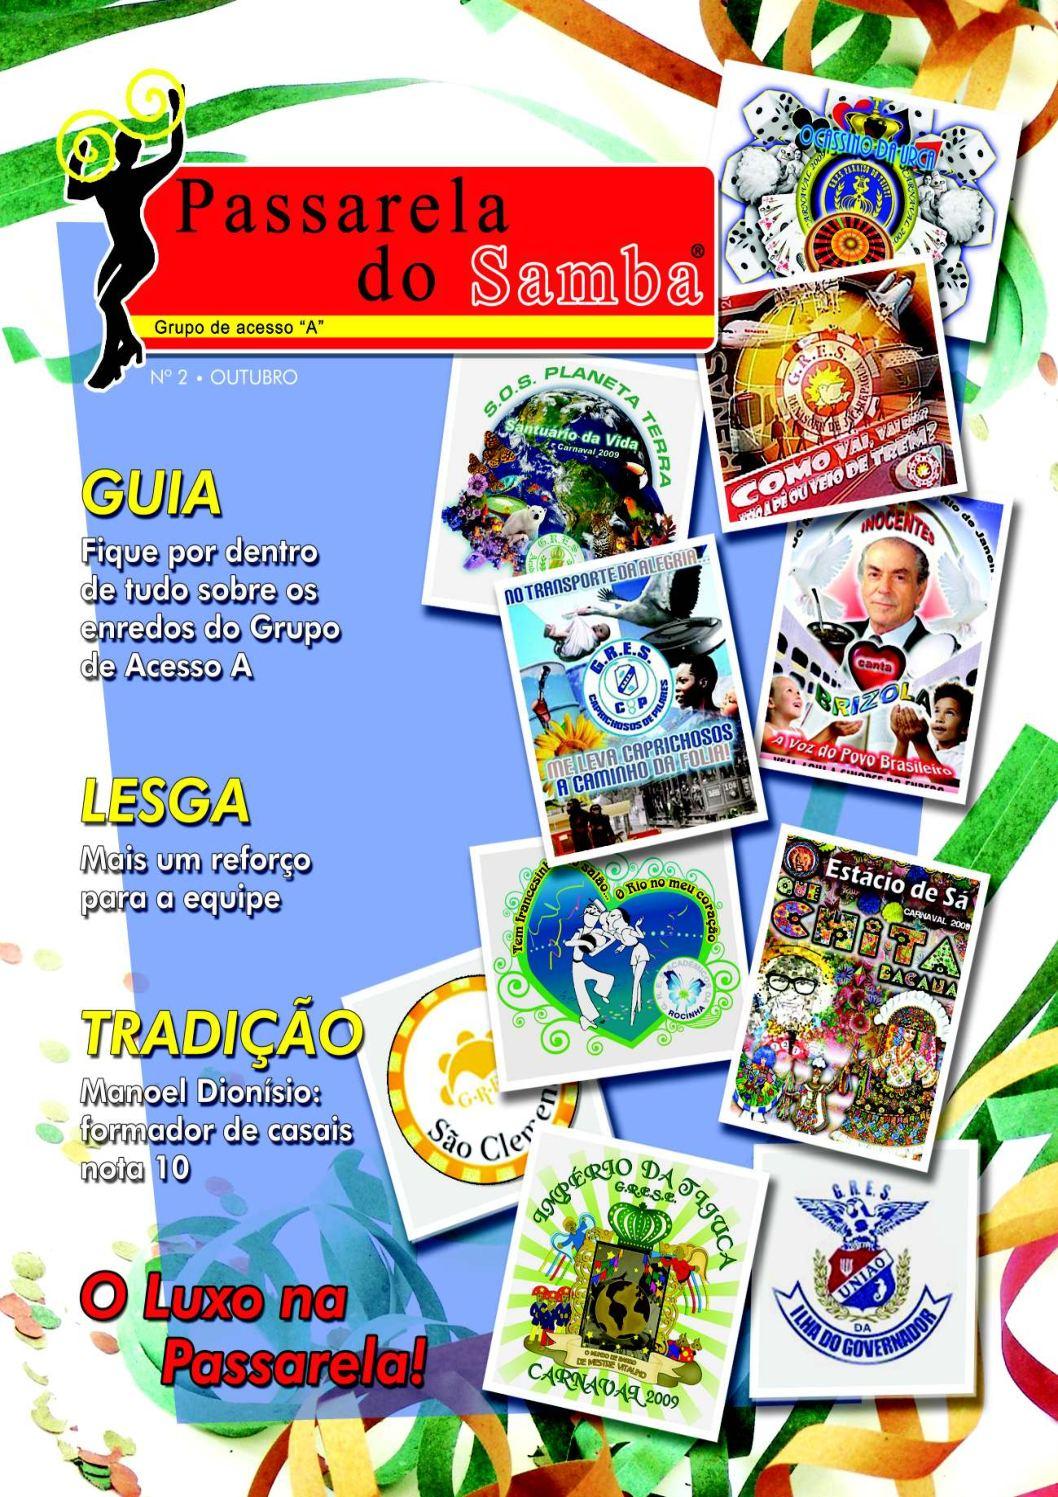 REVISTA PASSARELA DO SAMBA - EDIÇÃO 2